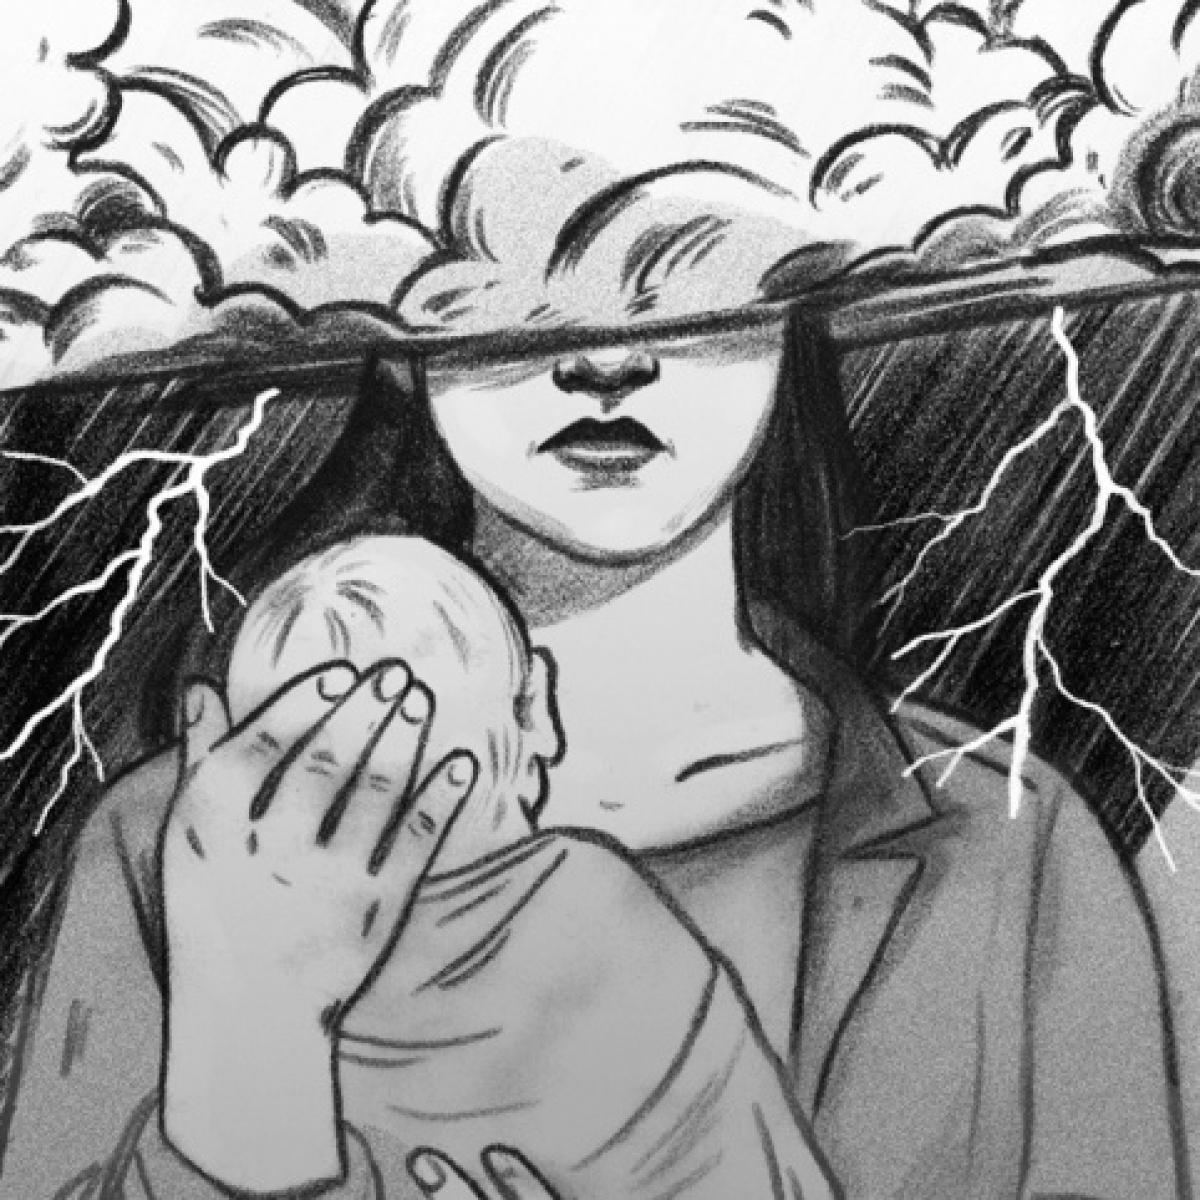 Những năm gần đây, tỷ lệ người mắc bệnh trầm cảm, đặc biệt là đối tượng trí thức và người trẻ đang ngày càng tăng. Ảnh minh họa.